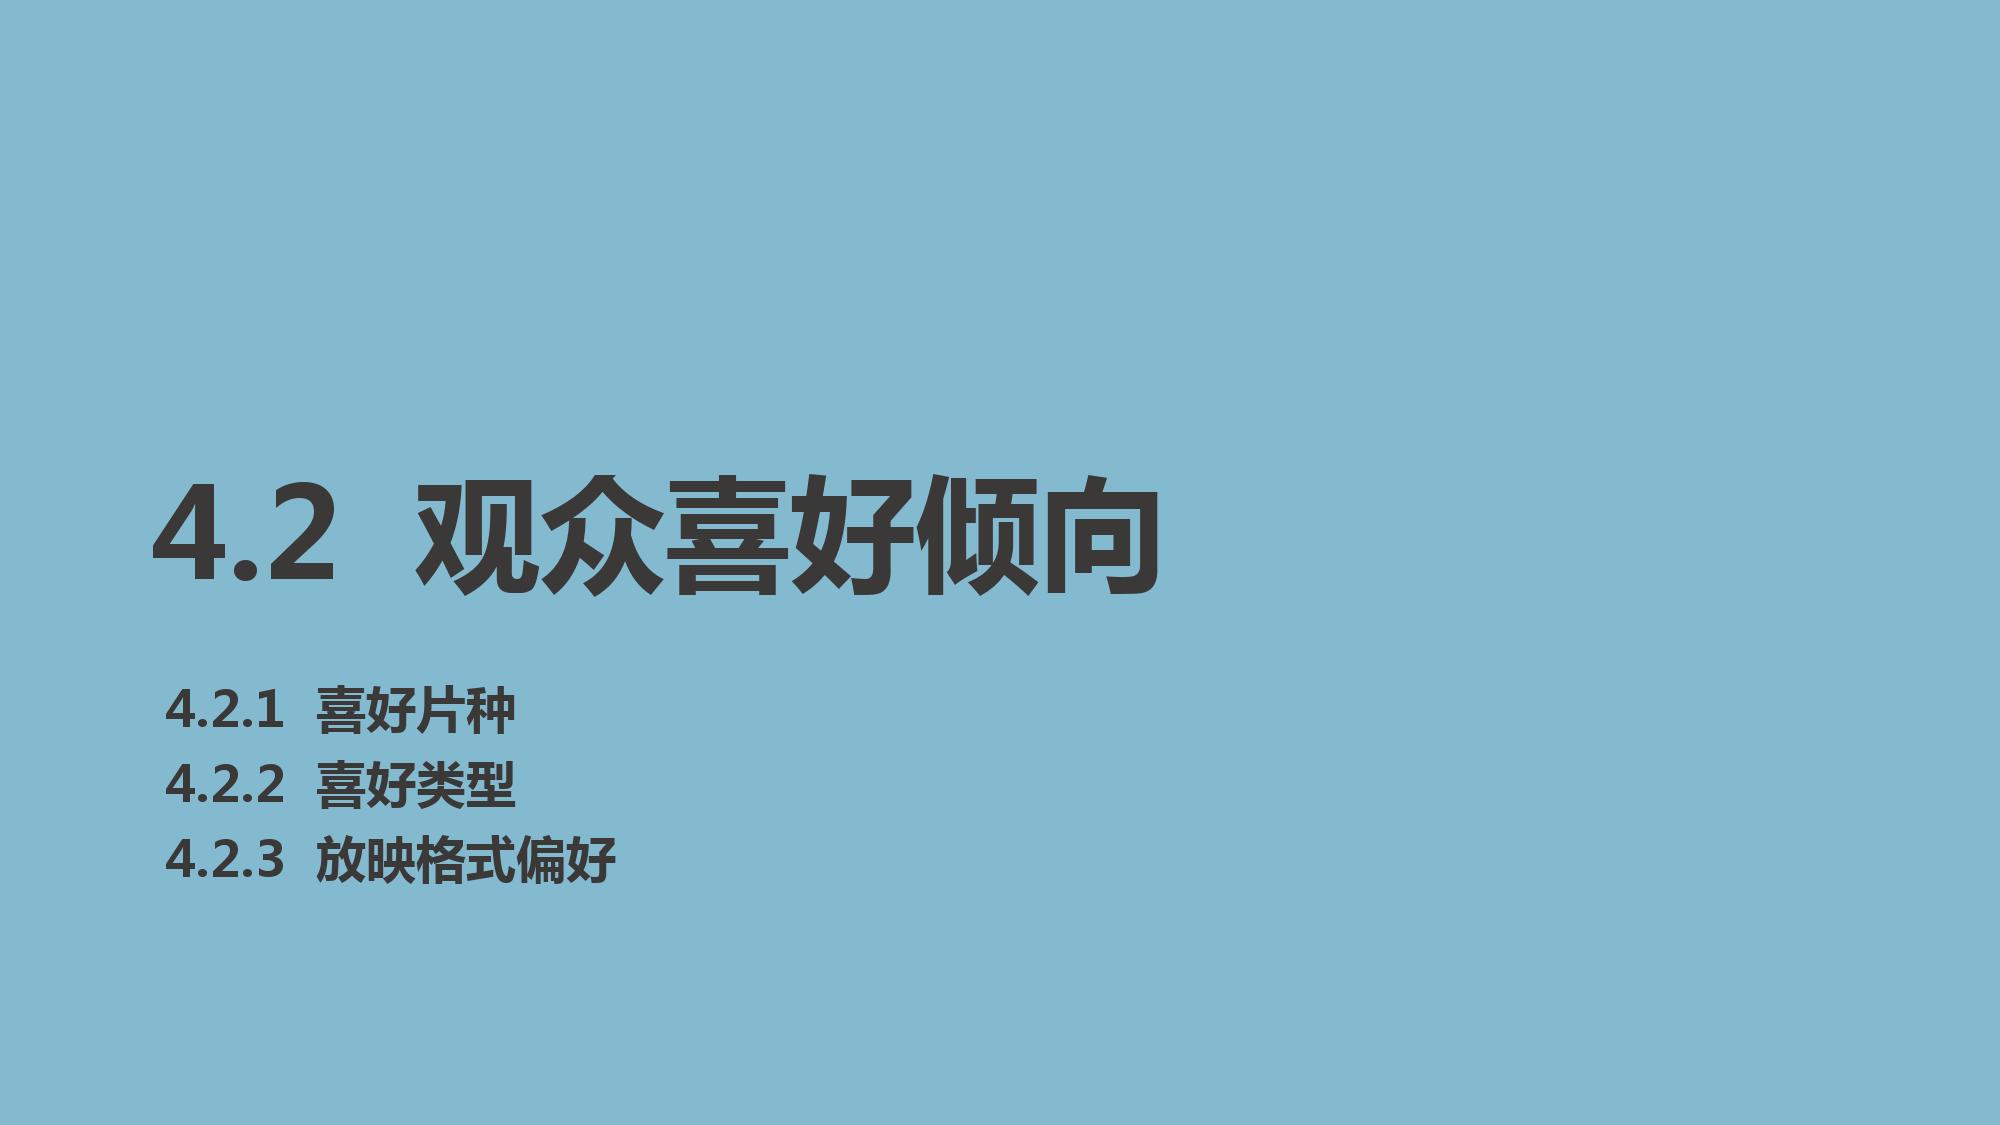 2015年度中国电影产业报告_000052